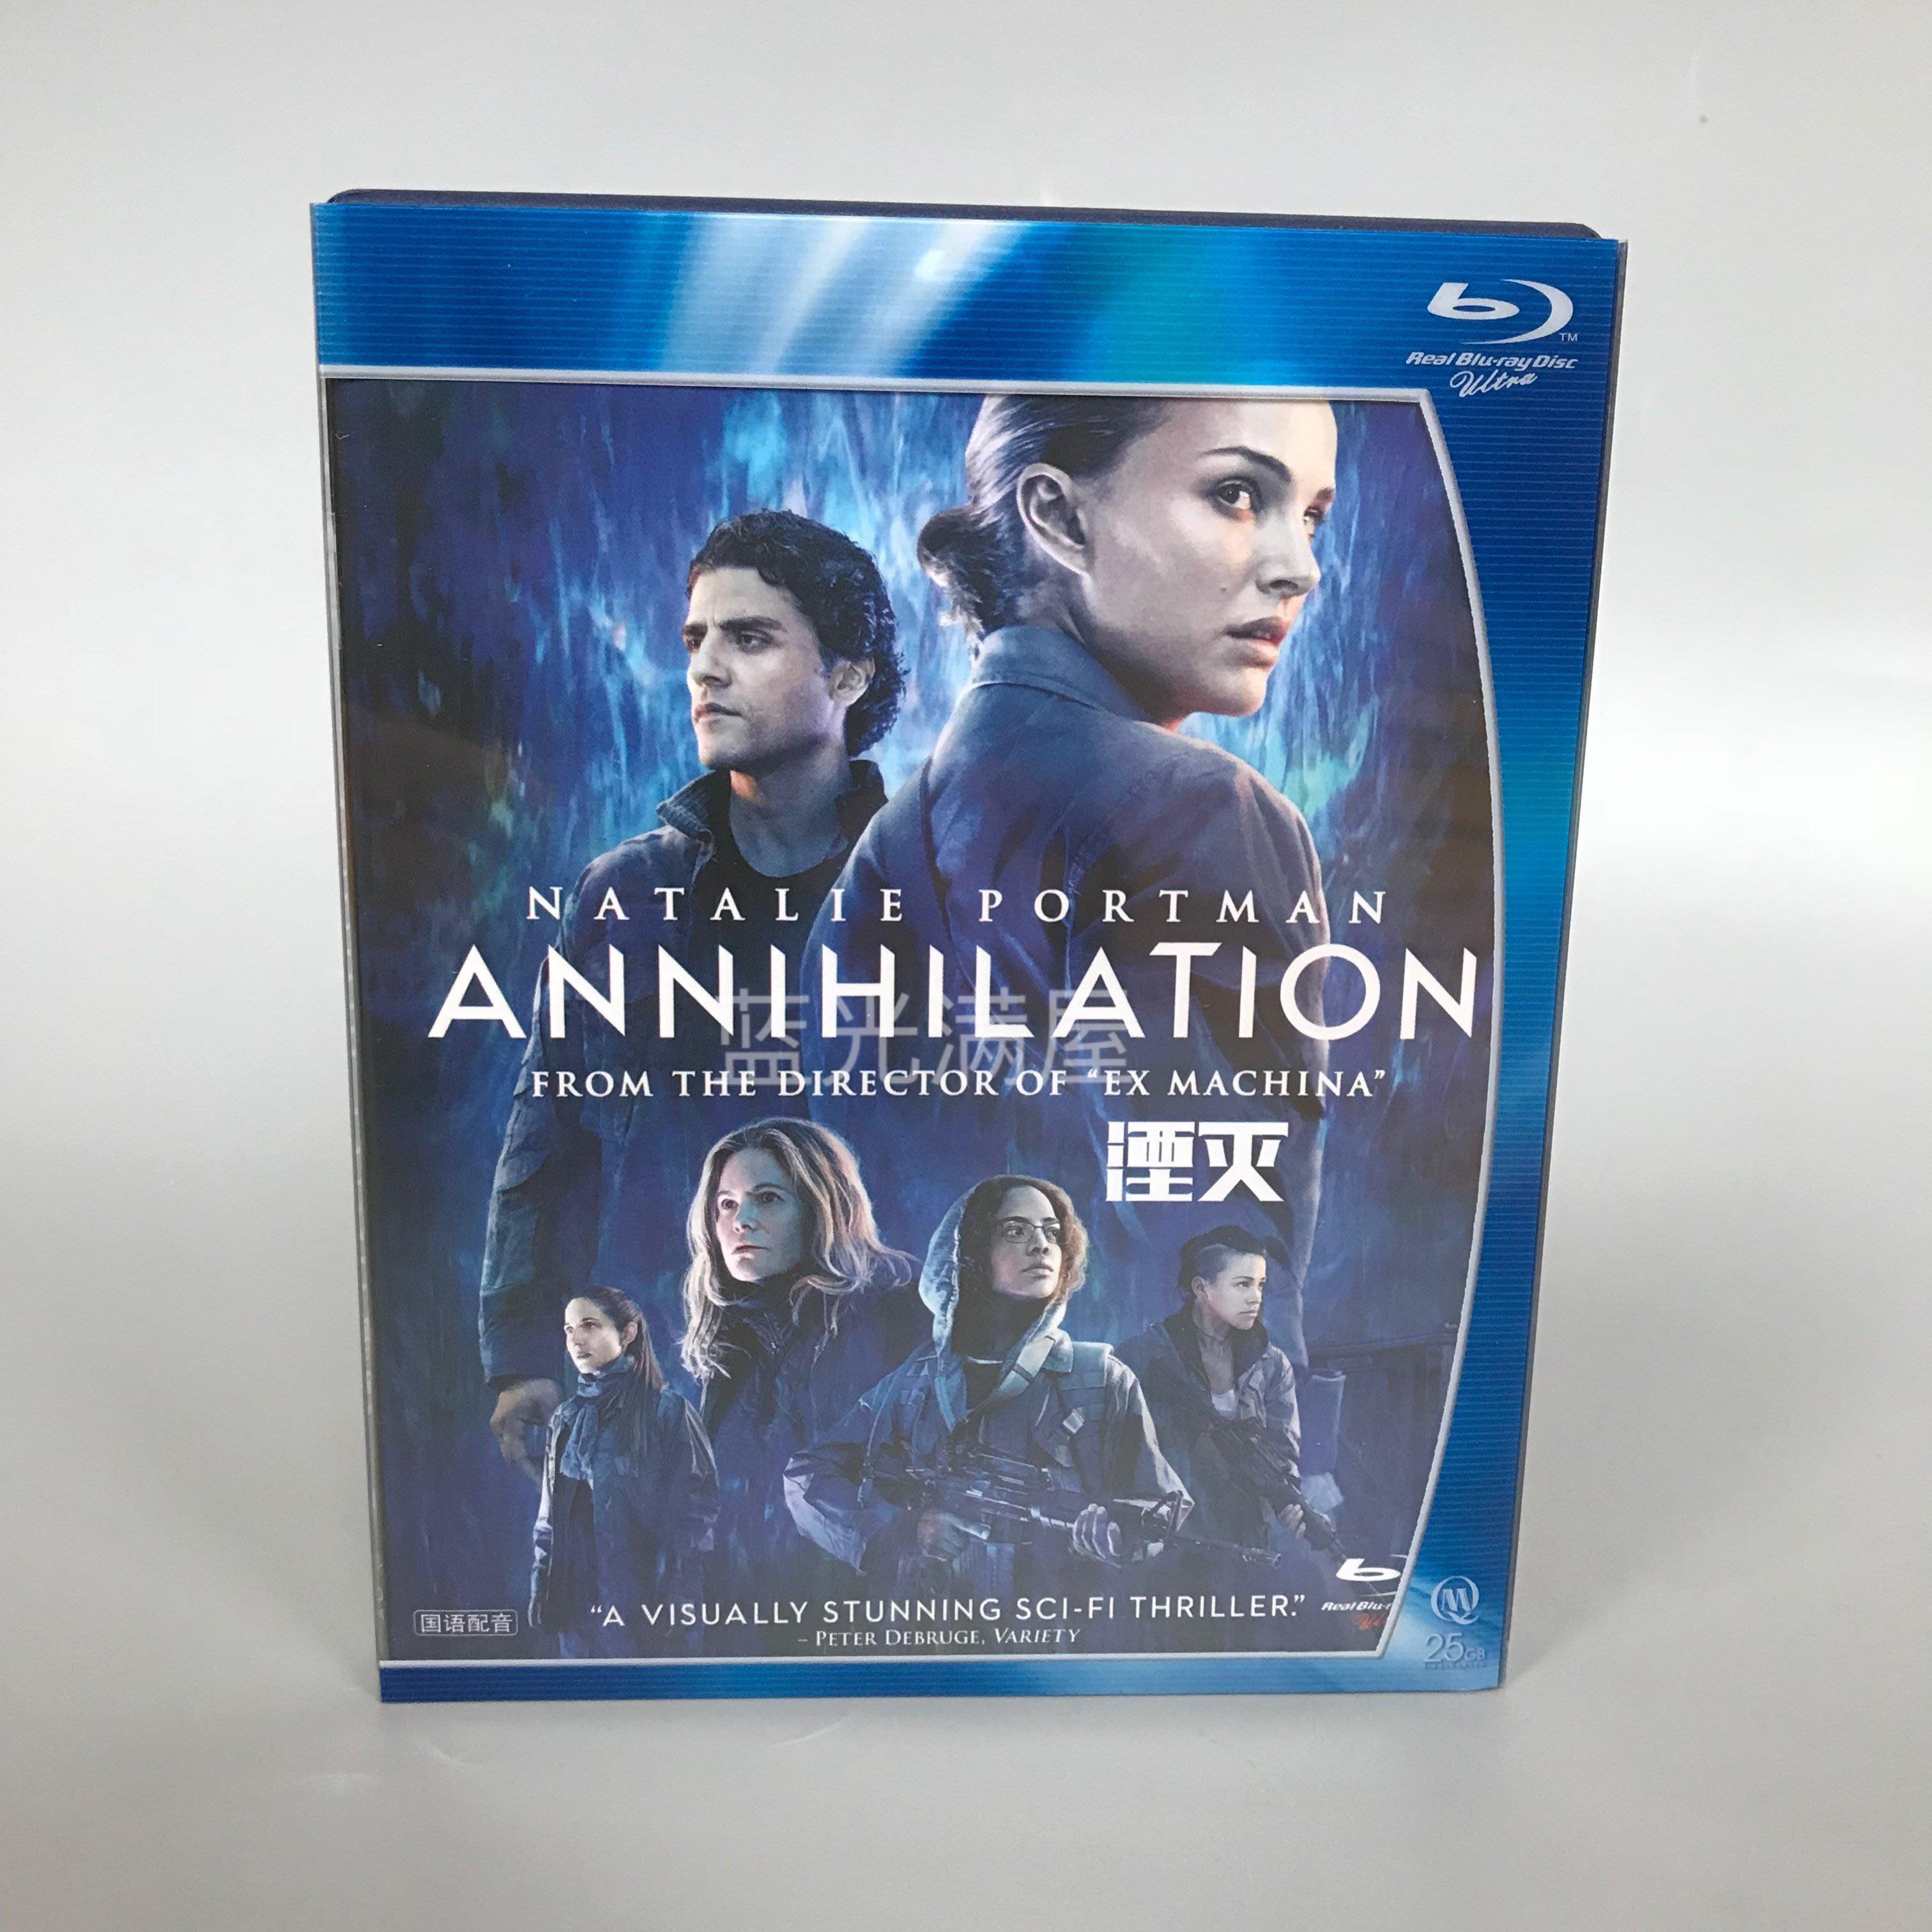 湮滅 Annihilation 藍光BD高清電影碟片